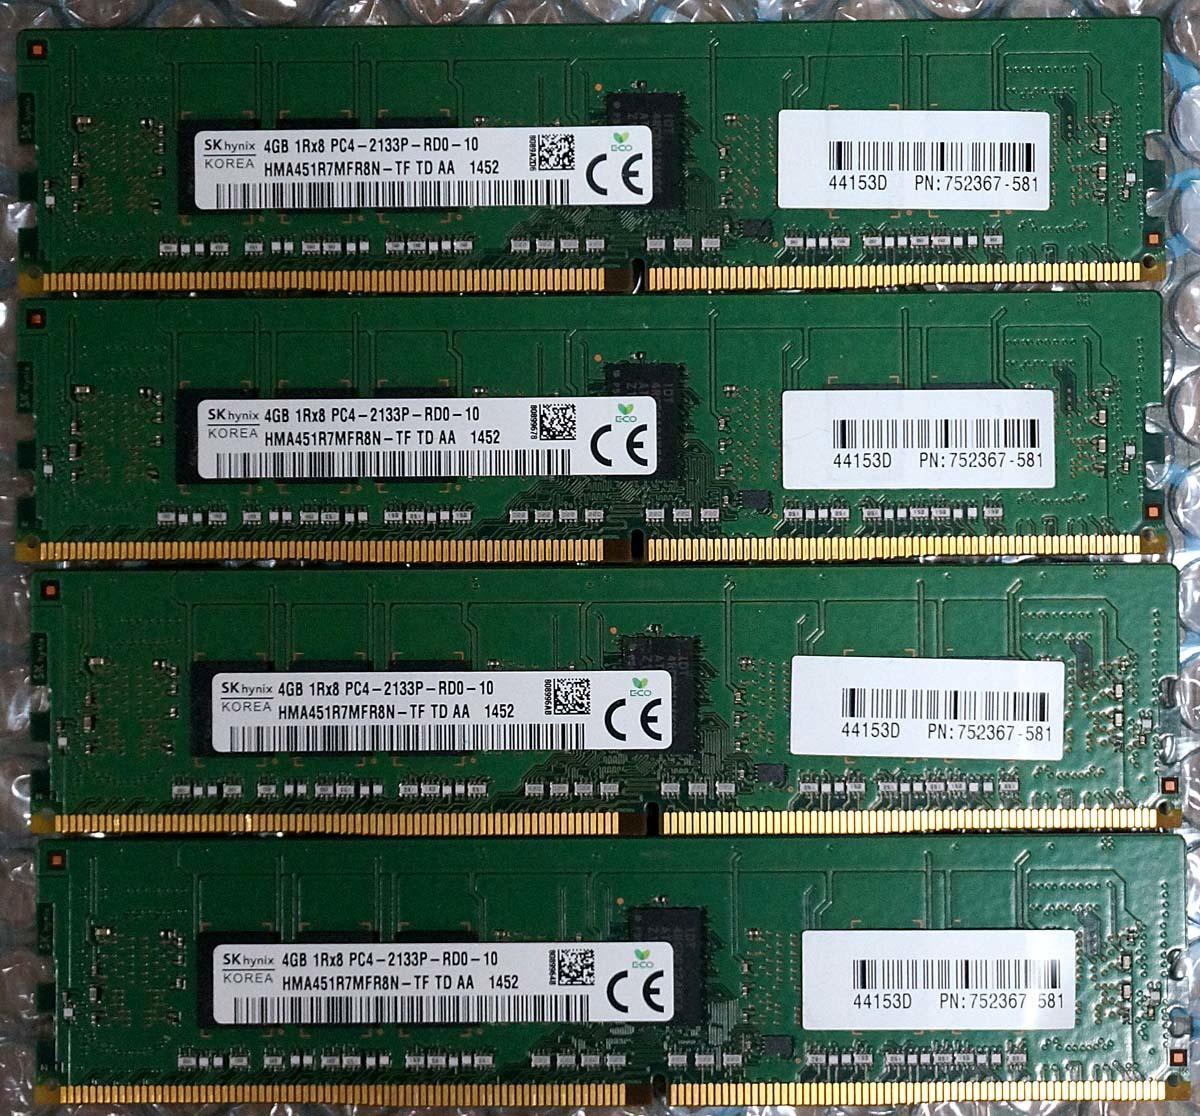 HP純正 Z640 取外品 動作確認済 DDR4 ECC Registered 4GBx4枚 計16GB PC4-2133P 送料185円- HP Z440 Z840 サーバー ワークステーション